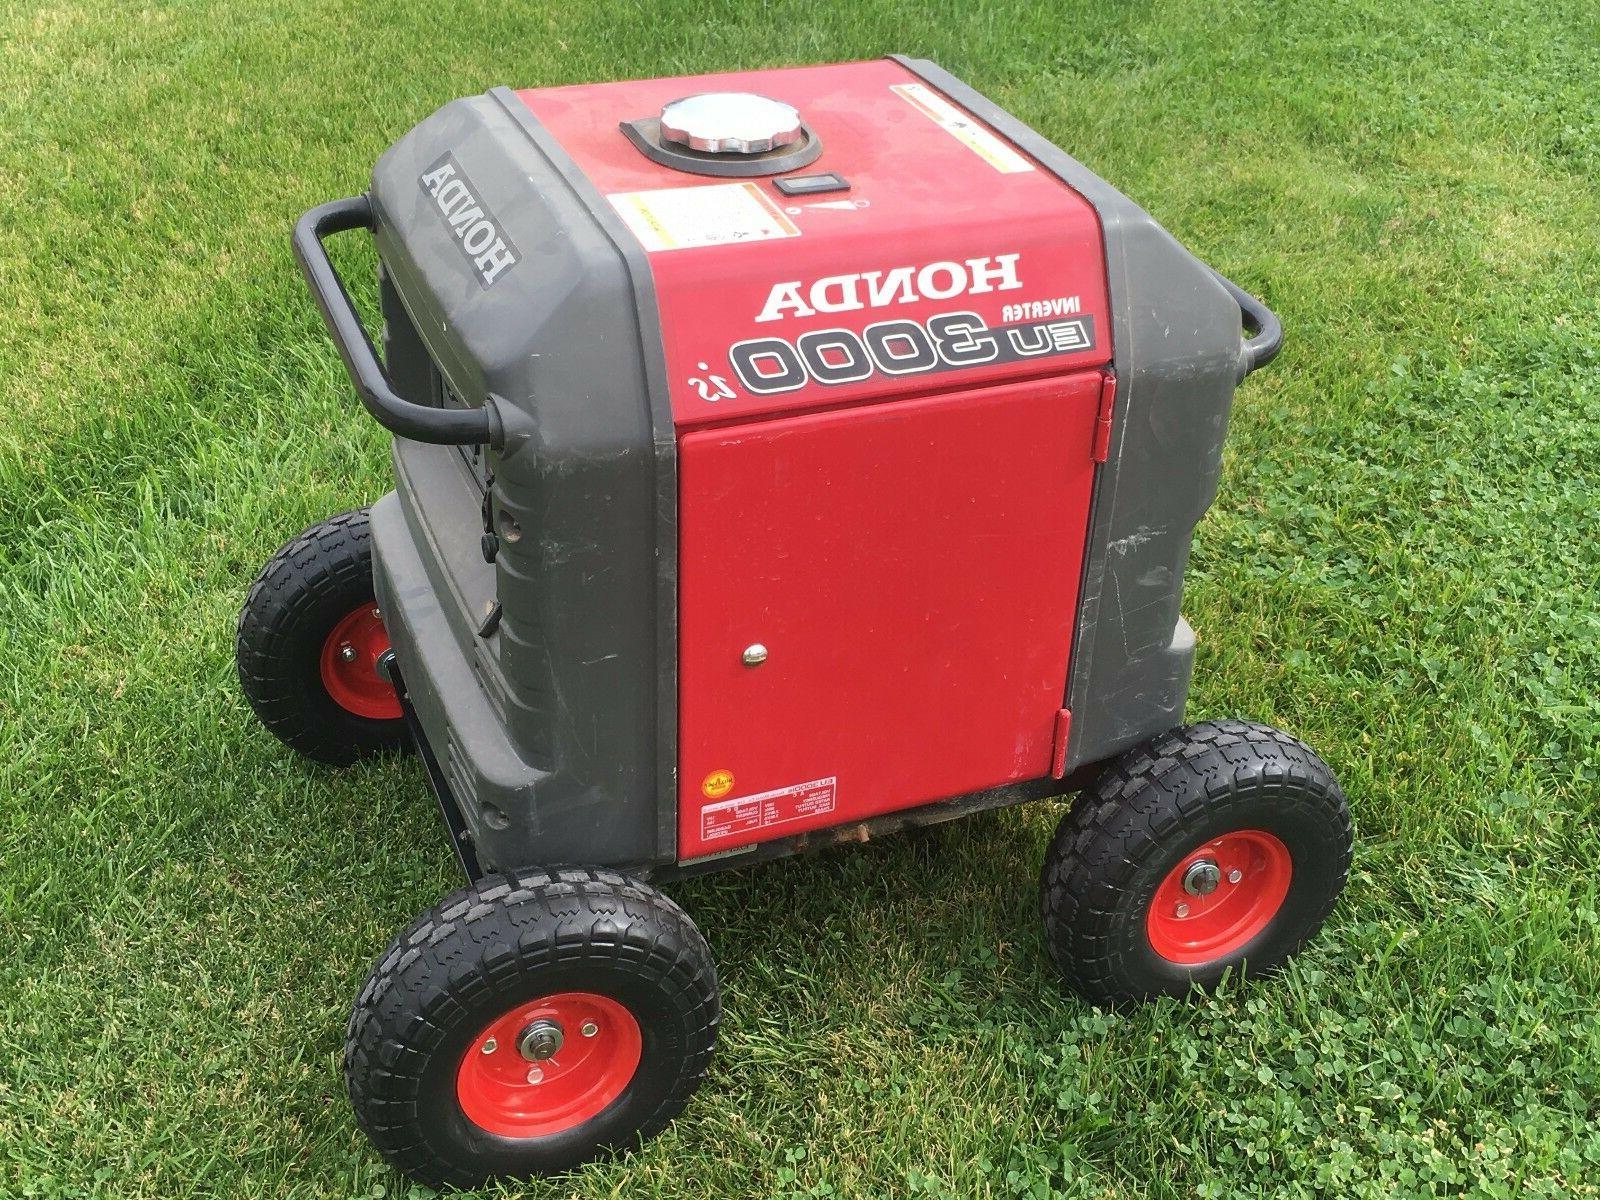 honda generator wheel kit for eu3000is air